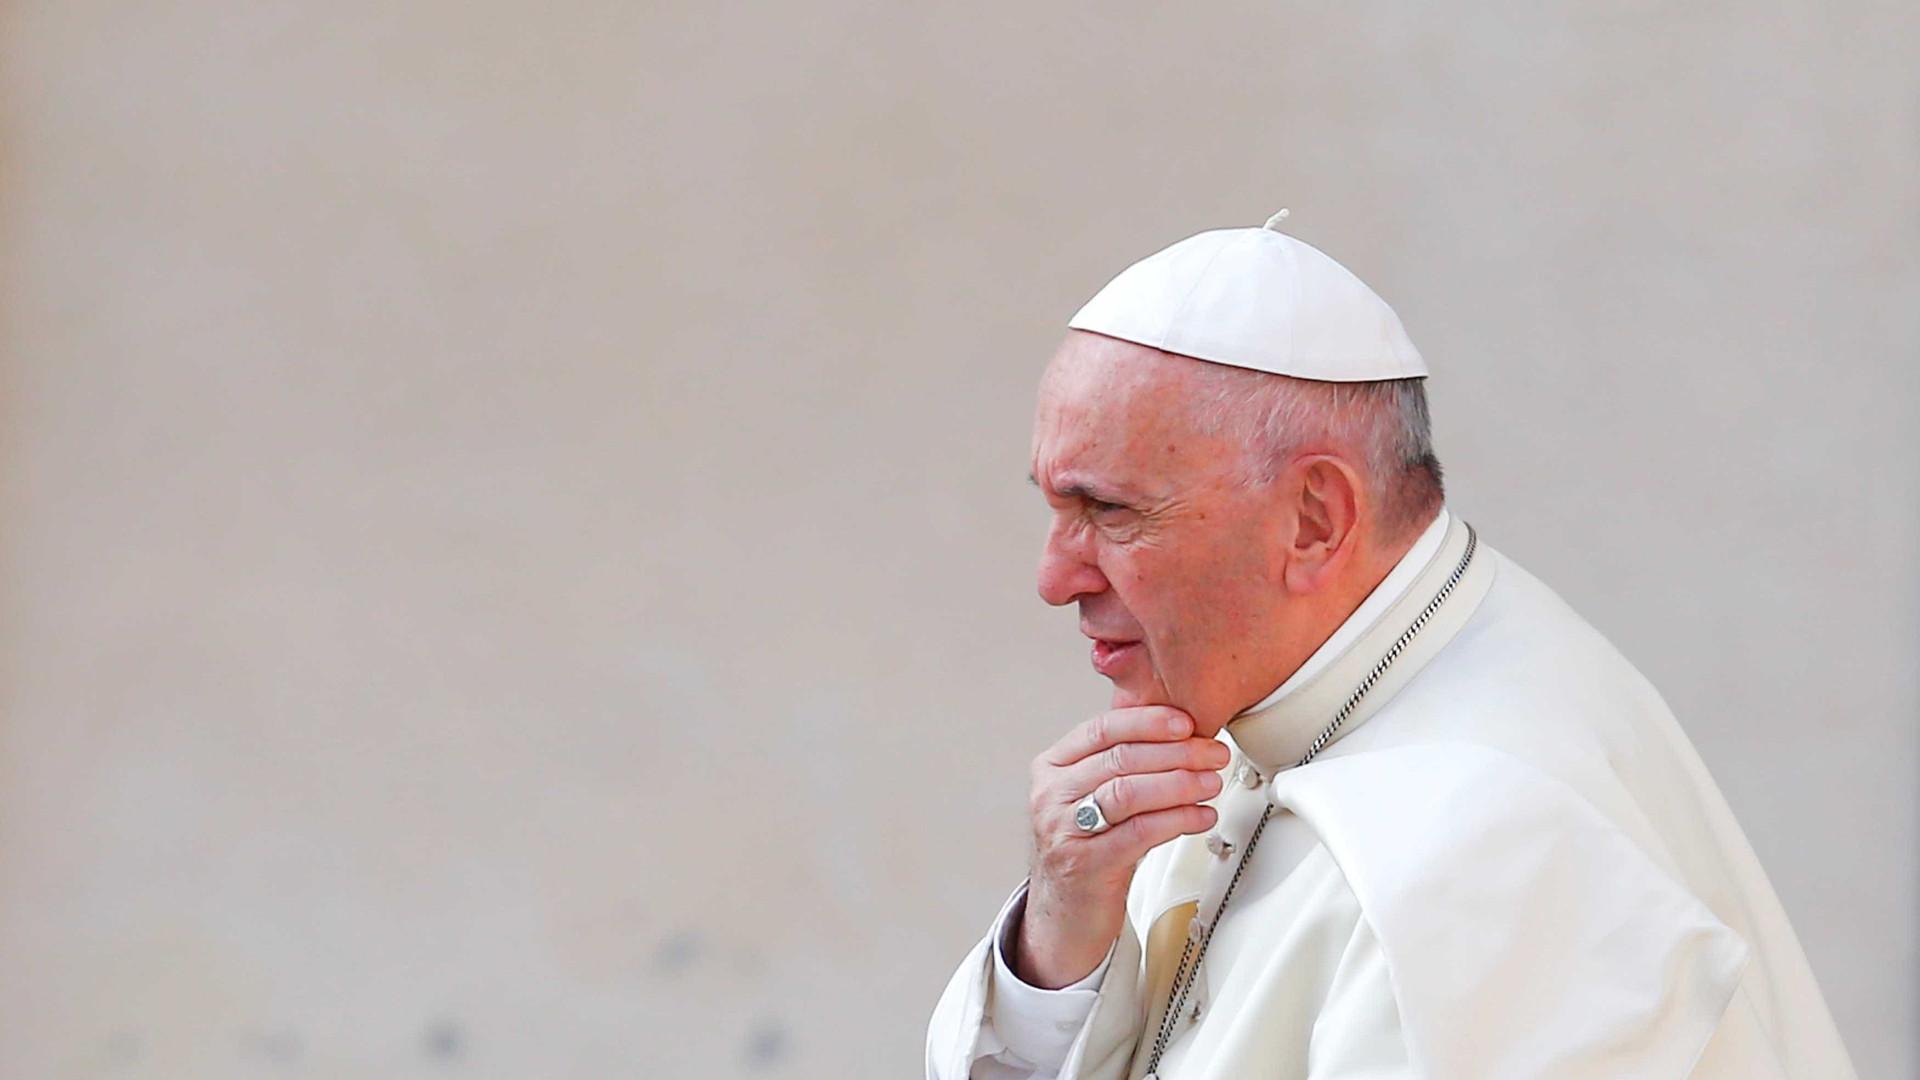 Papa tem 'indisposição' e cancela missa após evento em que beijou fiéis